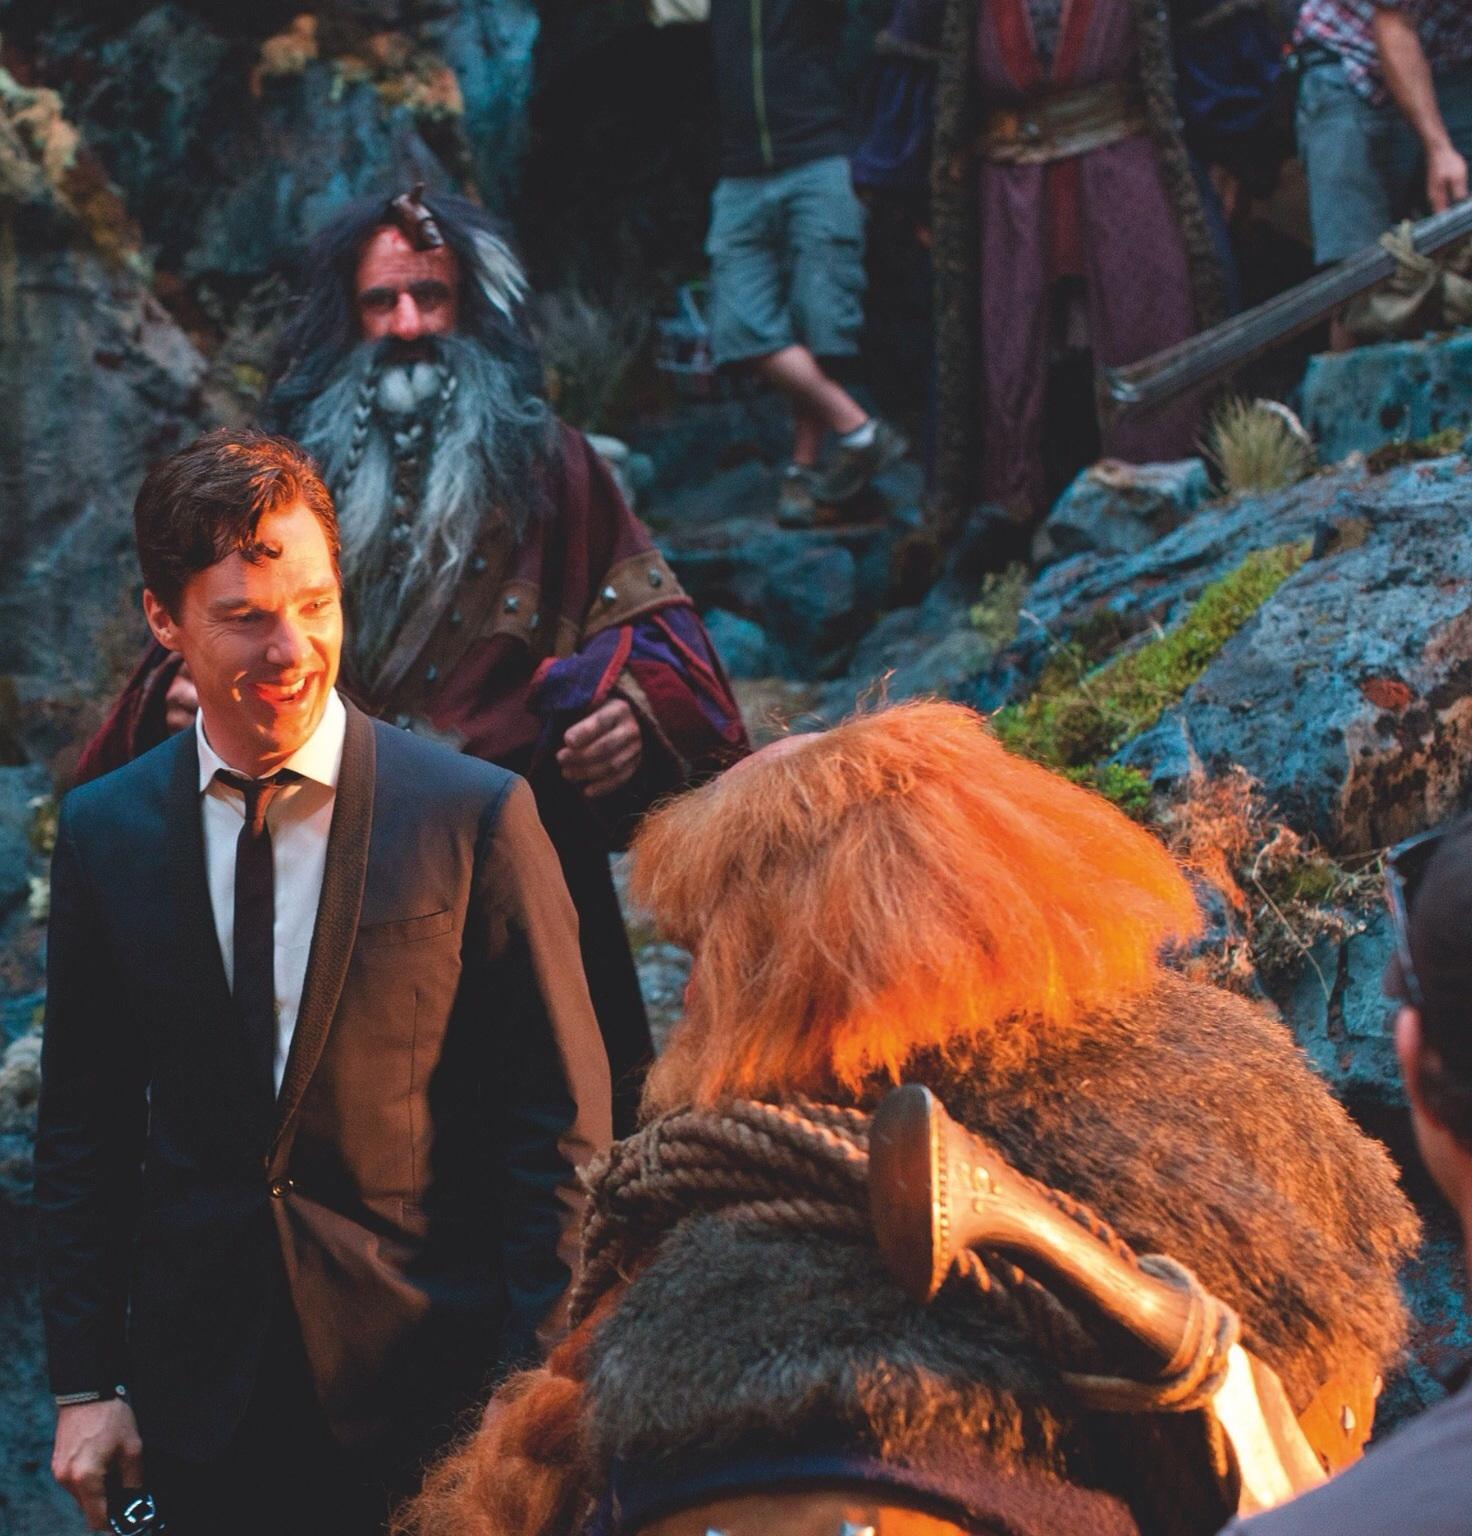 Le Seigneur des Anneaux / The Hobbit #3 10721863044_53269716c1_o